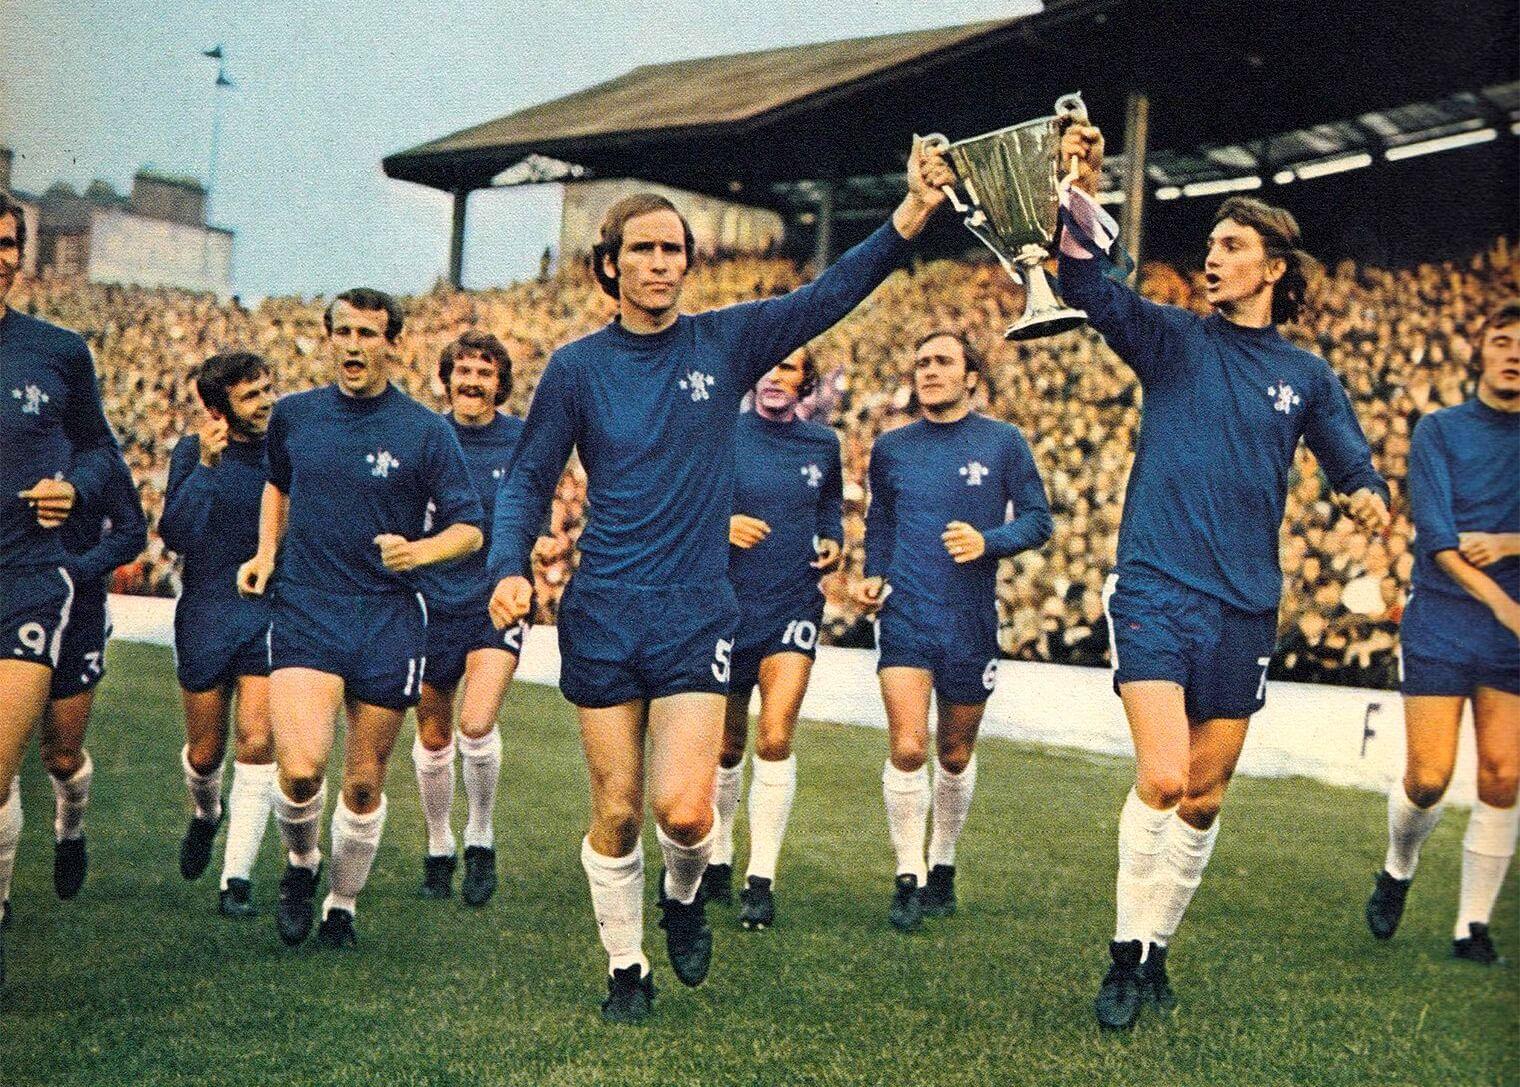 El Chelsea FC cona la Recopa del 1971 ganada en la final contra el Real Madrid